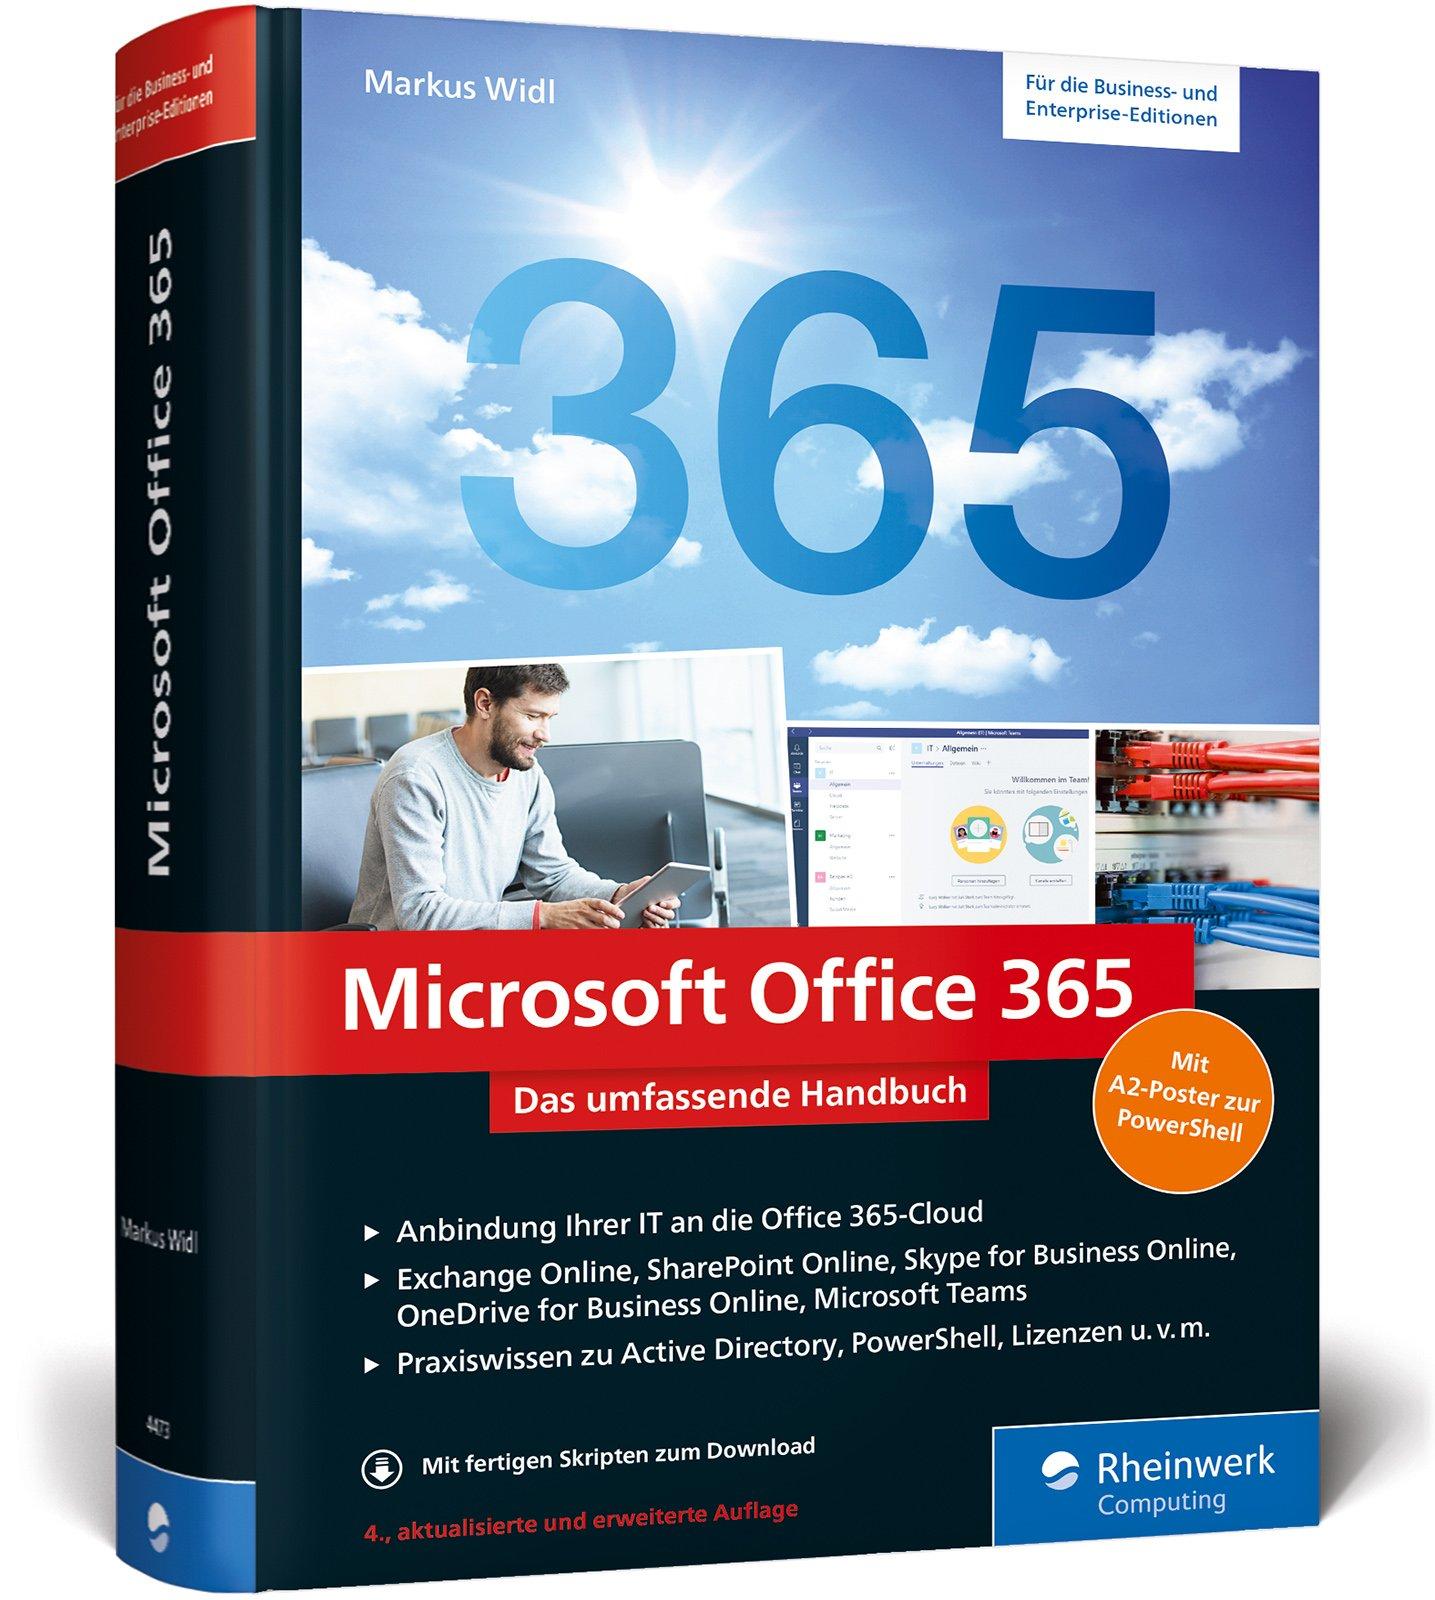 Microsoft Office 365: Das umfassende Handbuch für Administratoren. Aktuell zu Microsoft Office 365 (Enterprise und Business Edition) und Office 365 Deutschland Gebundenes Buch – 29. Mai 2017 Markus Widl Rheinwerk Computing 383624473X Anwendungs-Software